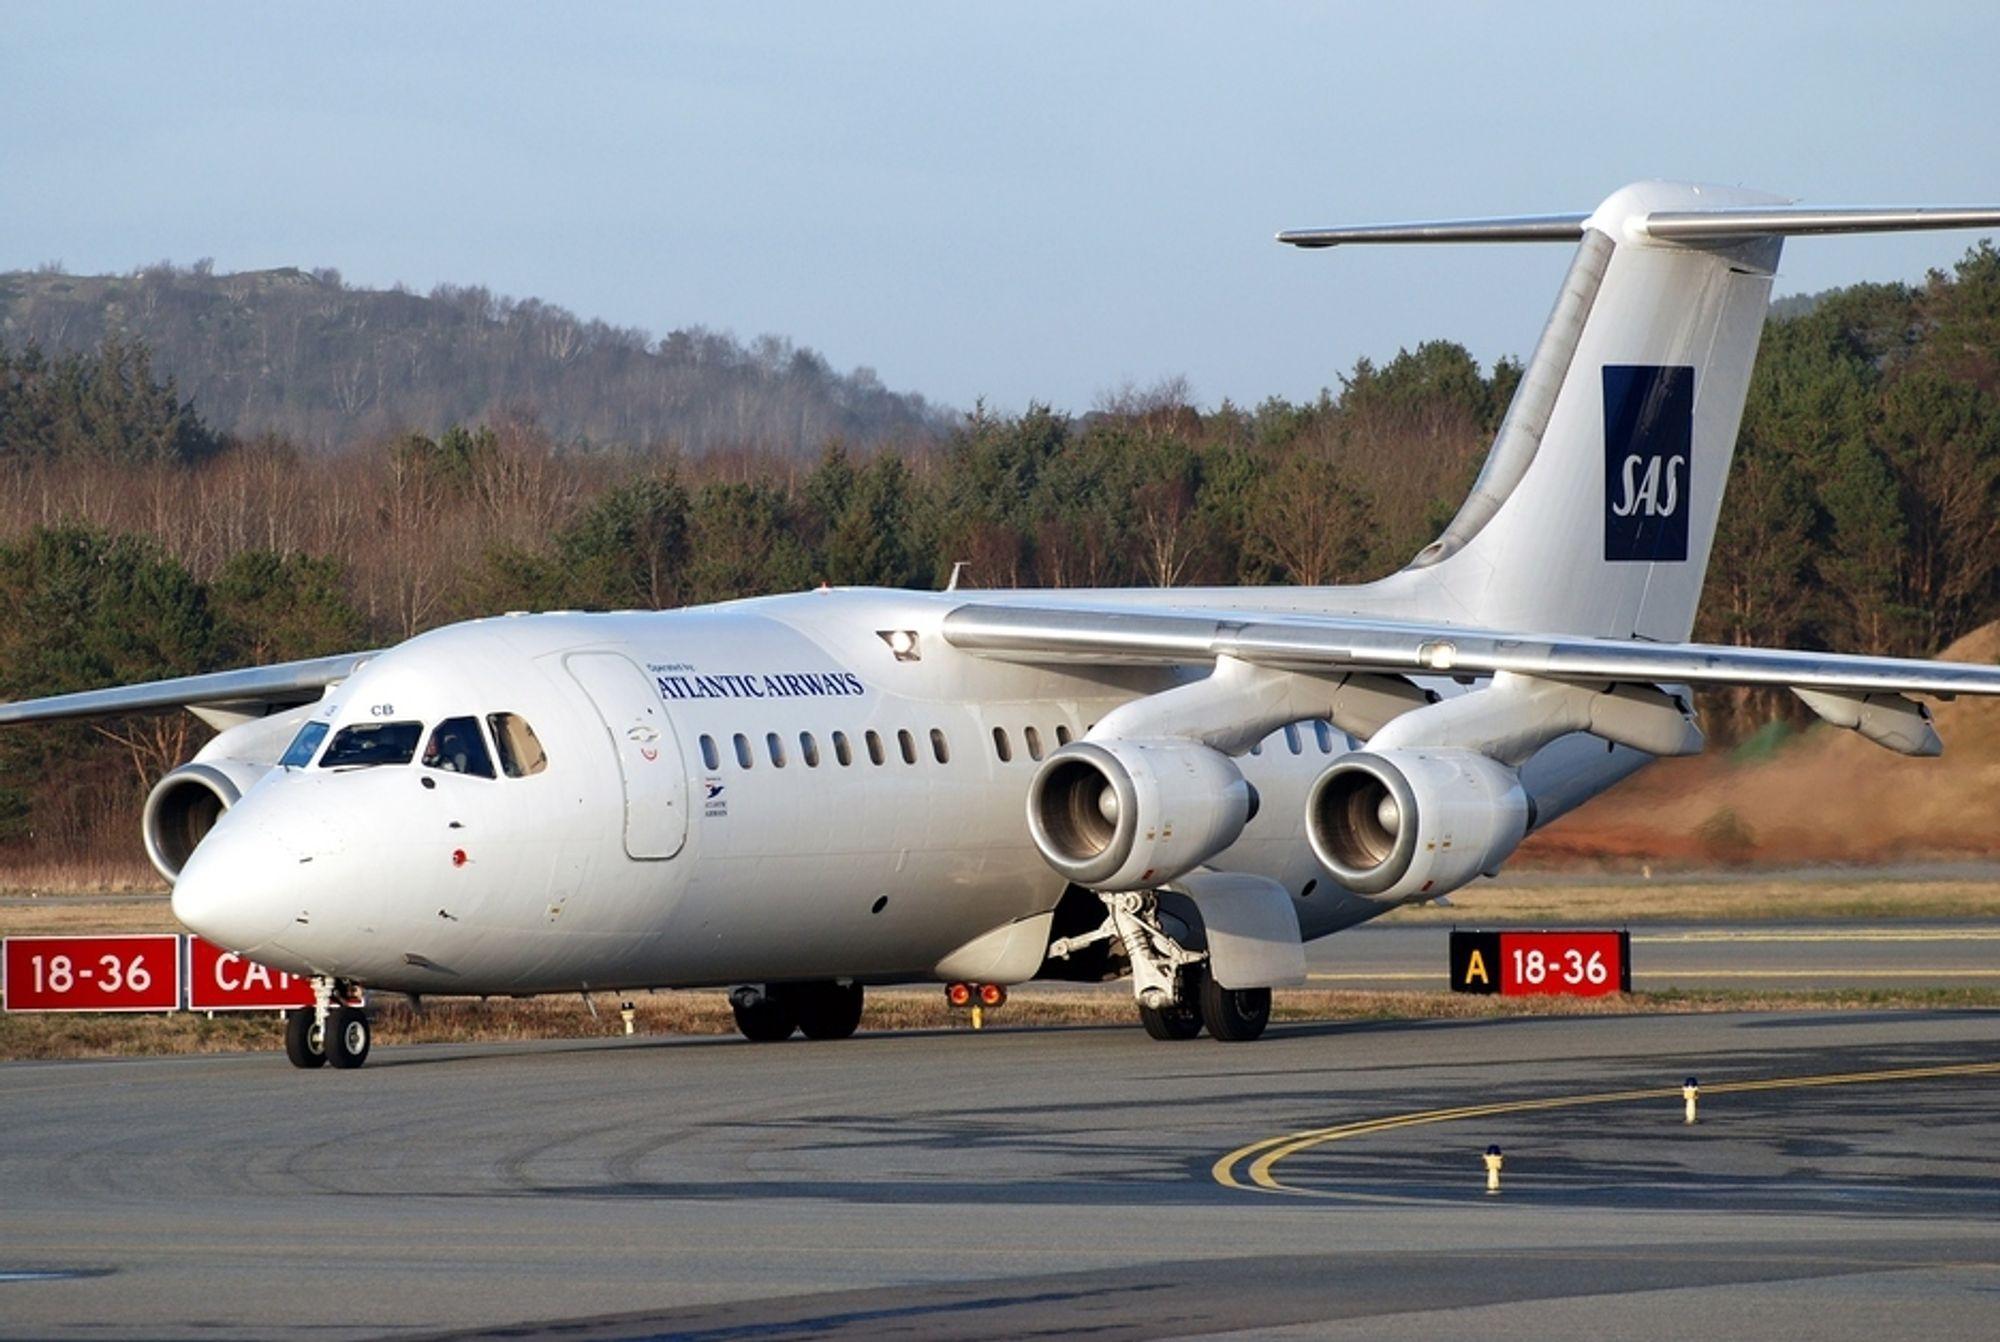 BRUKER BAE 146: SAS friskmelder ikke denne flytypen, en BAe 146 som de fortsatt har tre av på strekningen Sola-Kastrup - operert av Atlantic Airways. Denne, en BAe 146-200 med registreringsnummer OY-RCB, ble fotografert på Sola Lufthavn i mars i år.